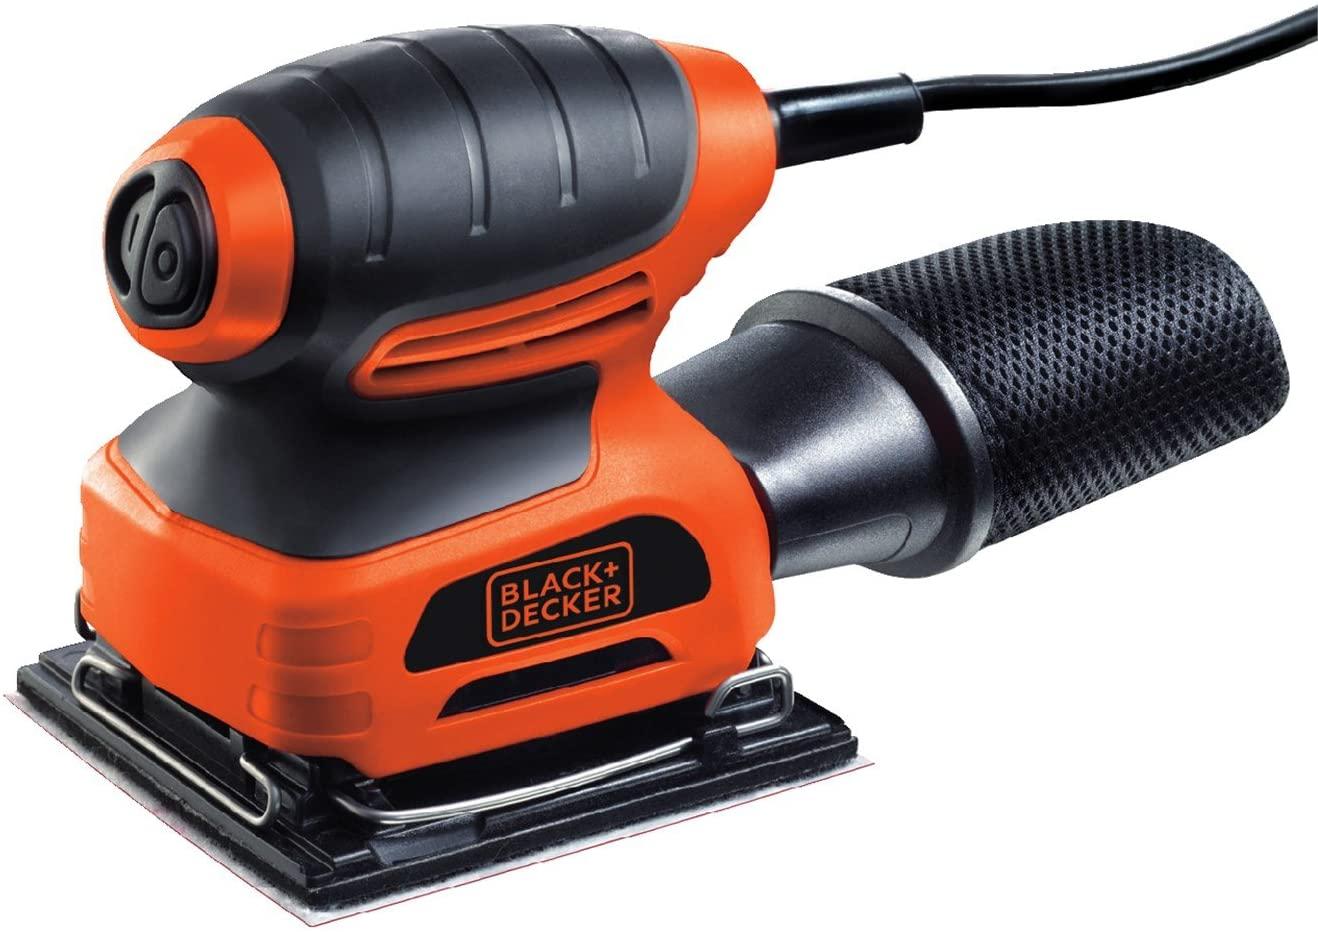 Ponceuse vibrante Black+Decker KA400-QS - Feuille 1/4, 220W, Sac à poussières et Abrasif inclus